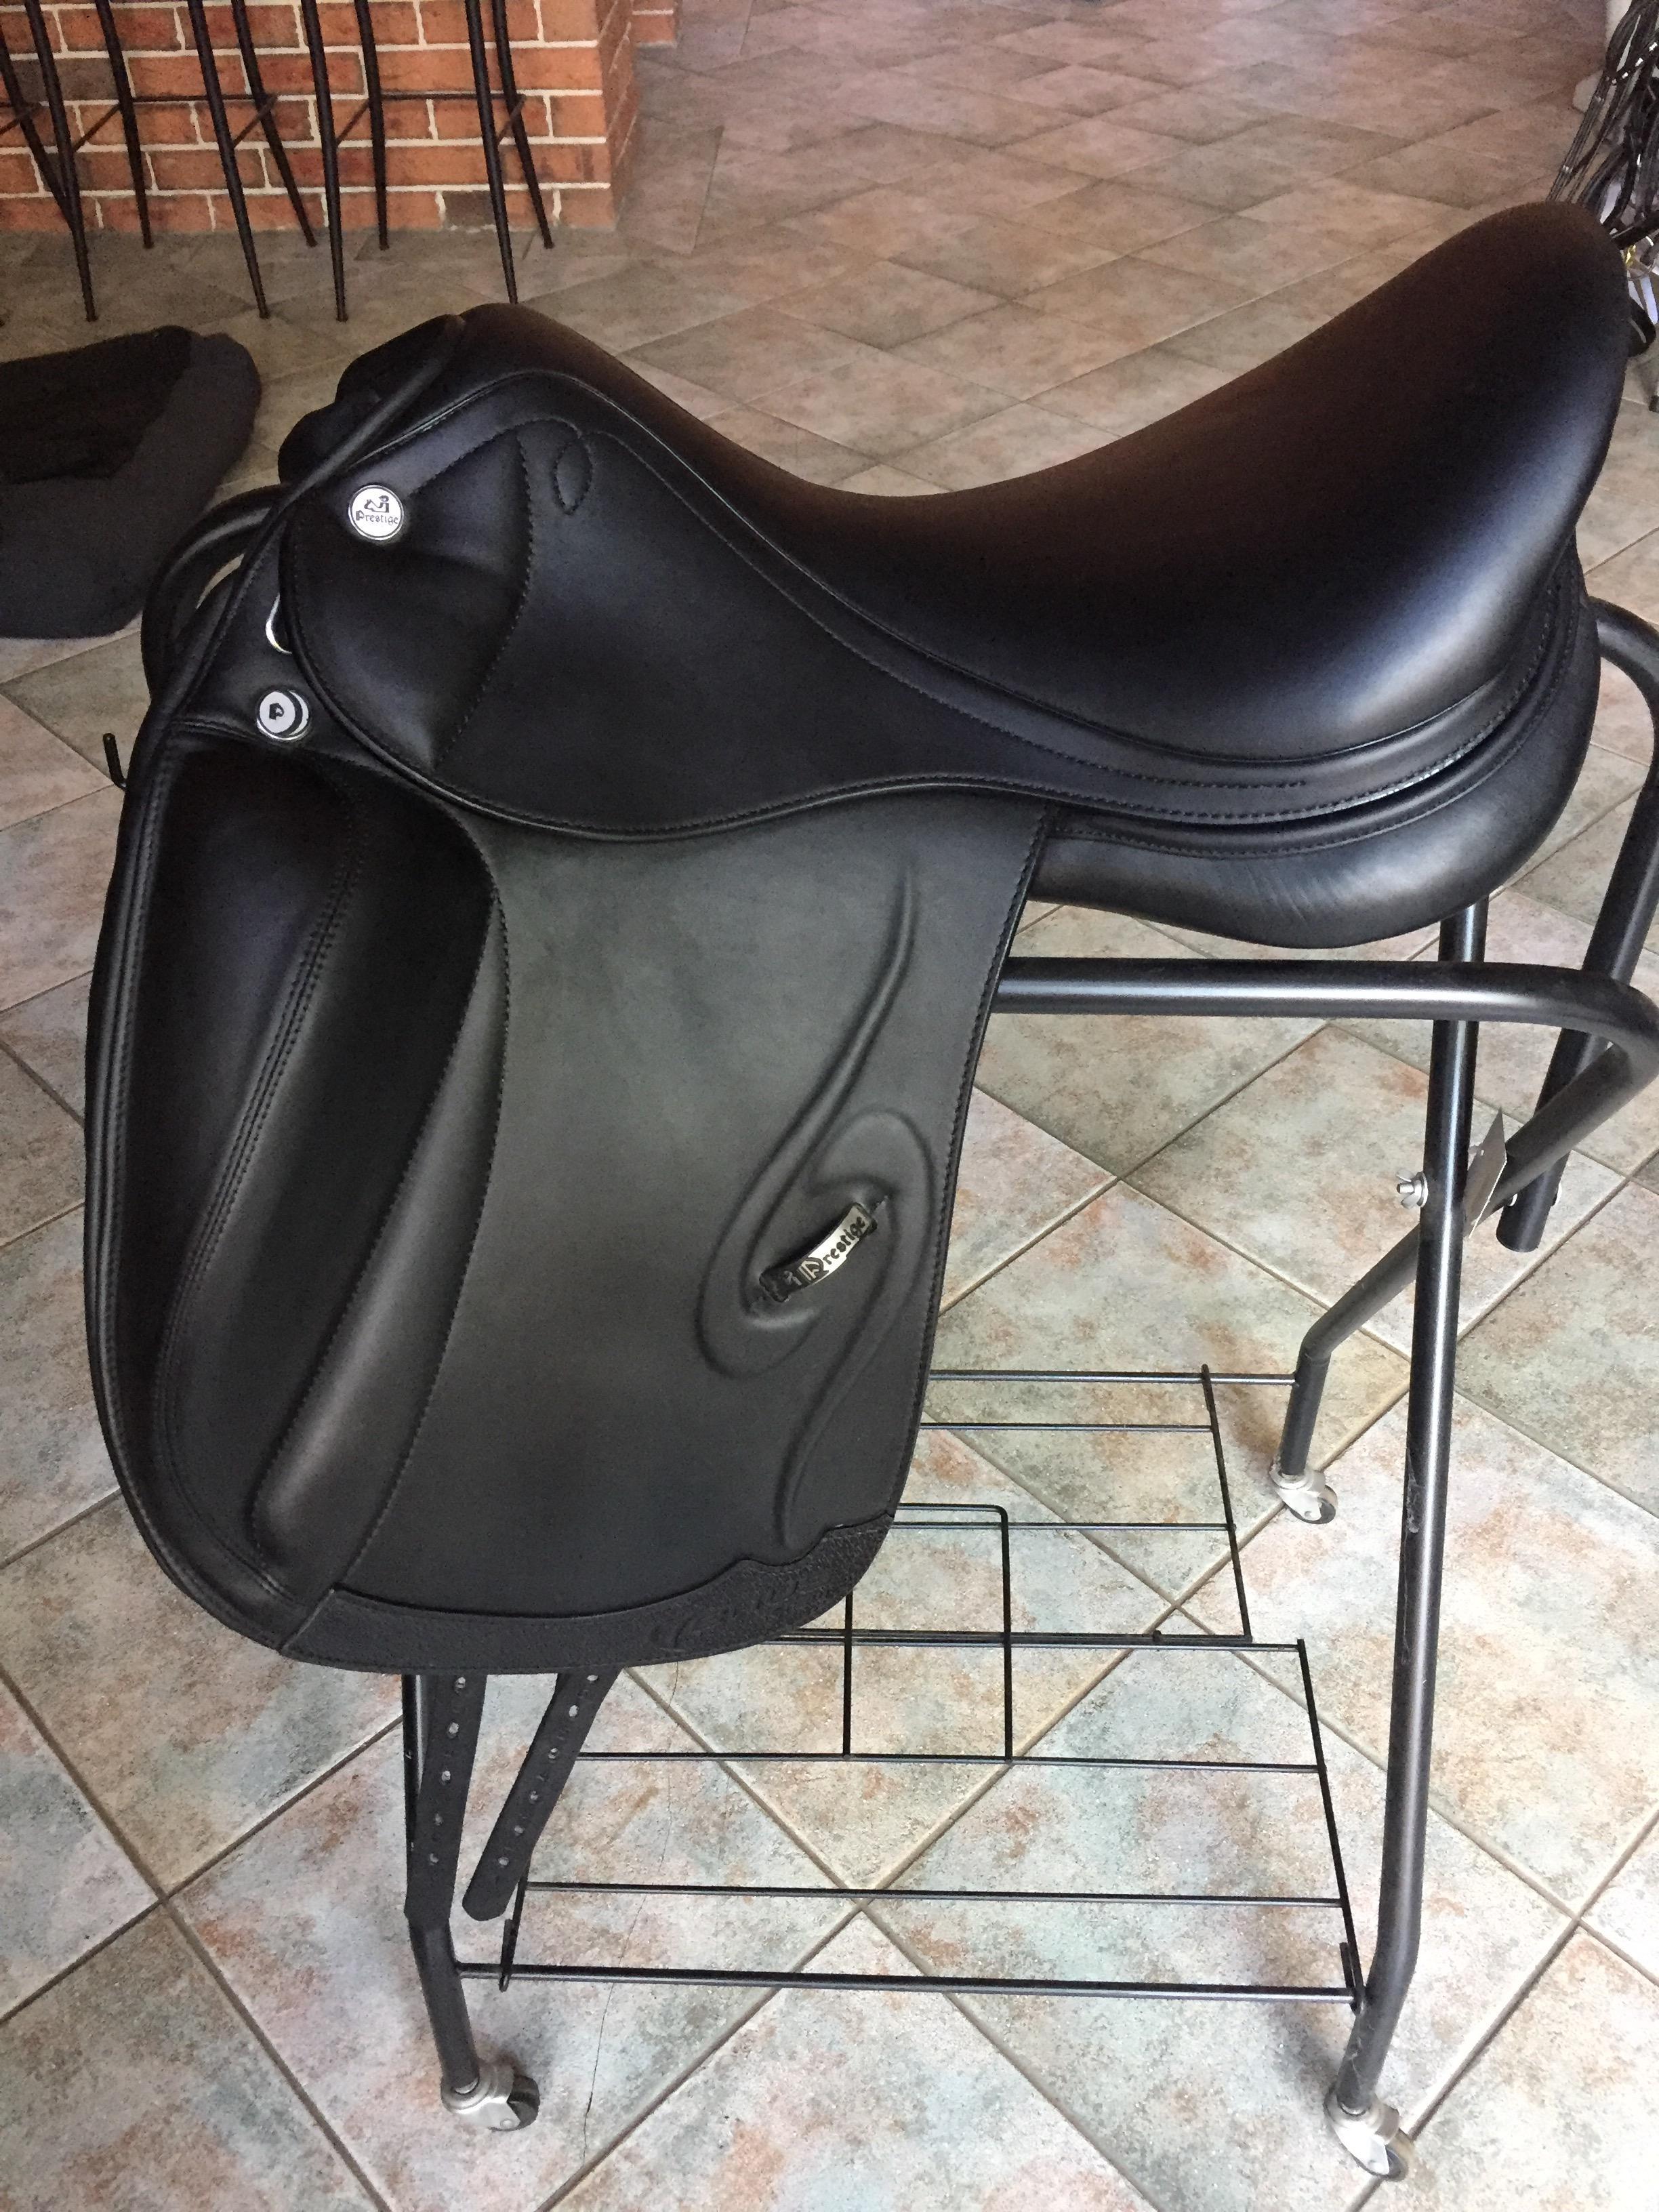 Prestige Venus K Saddle - 34cm Gullet,18 Inch Seat